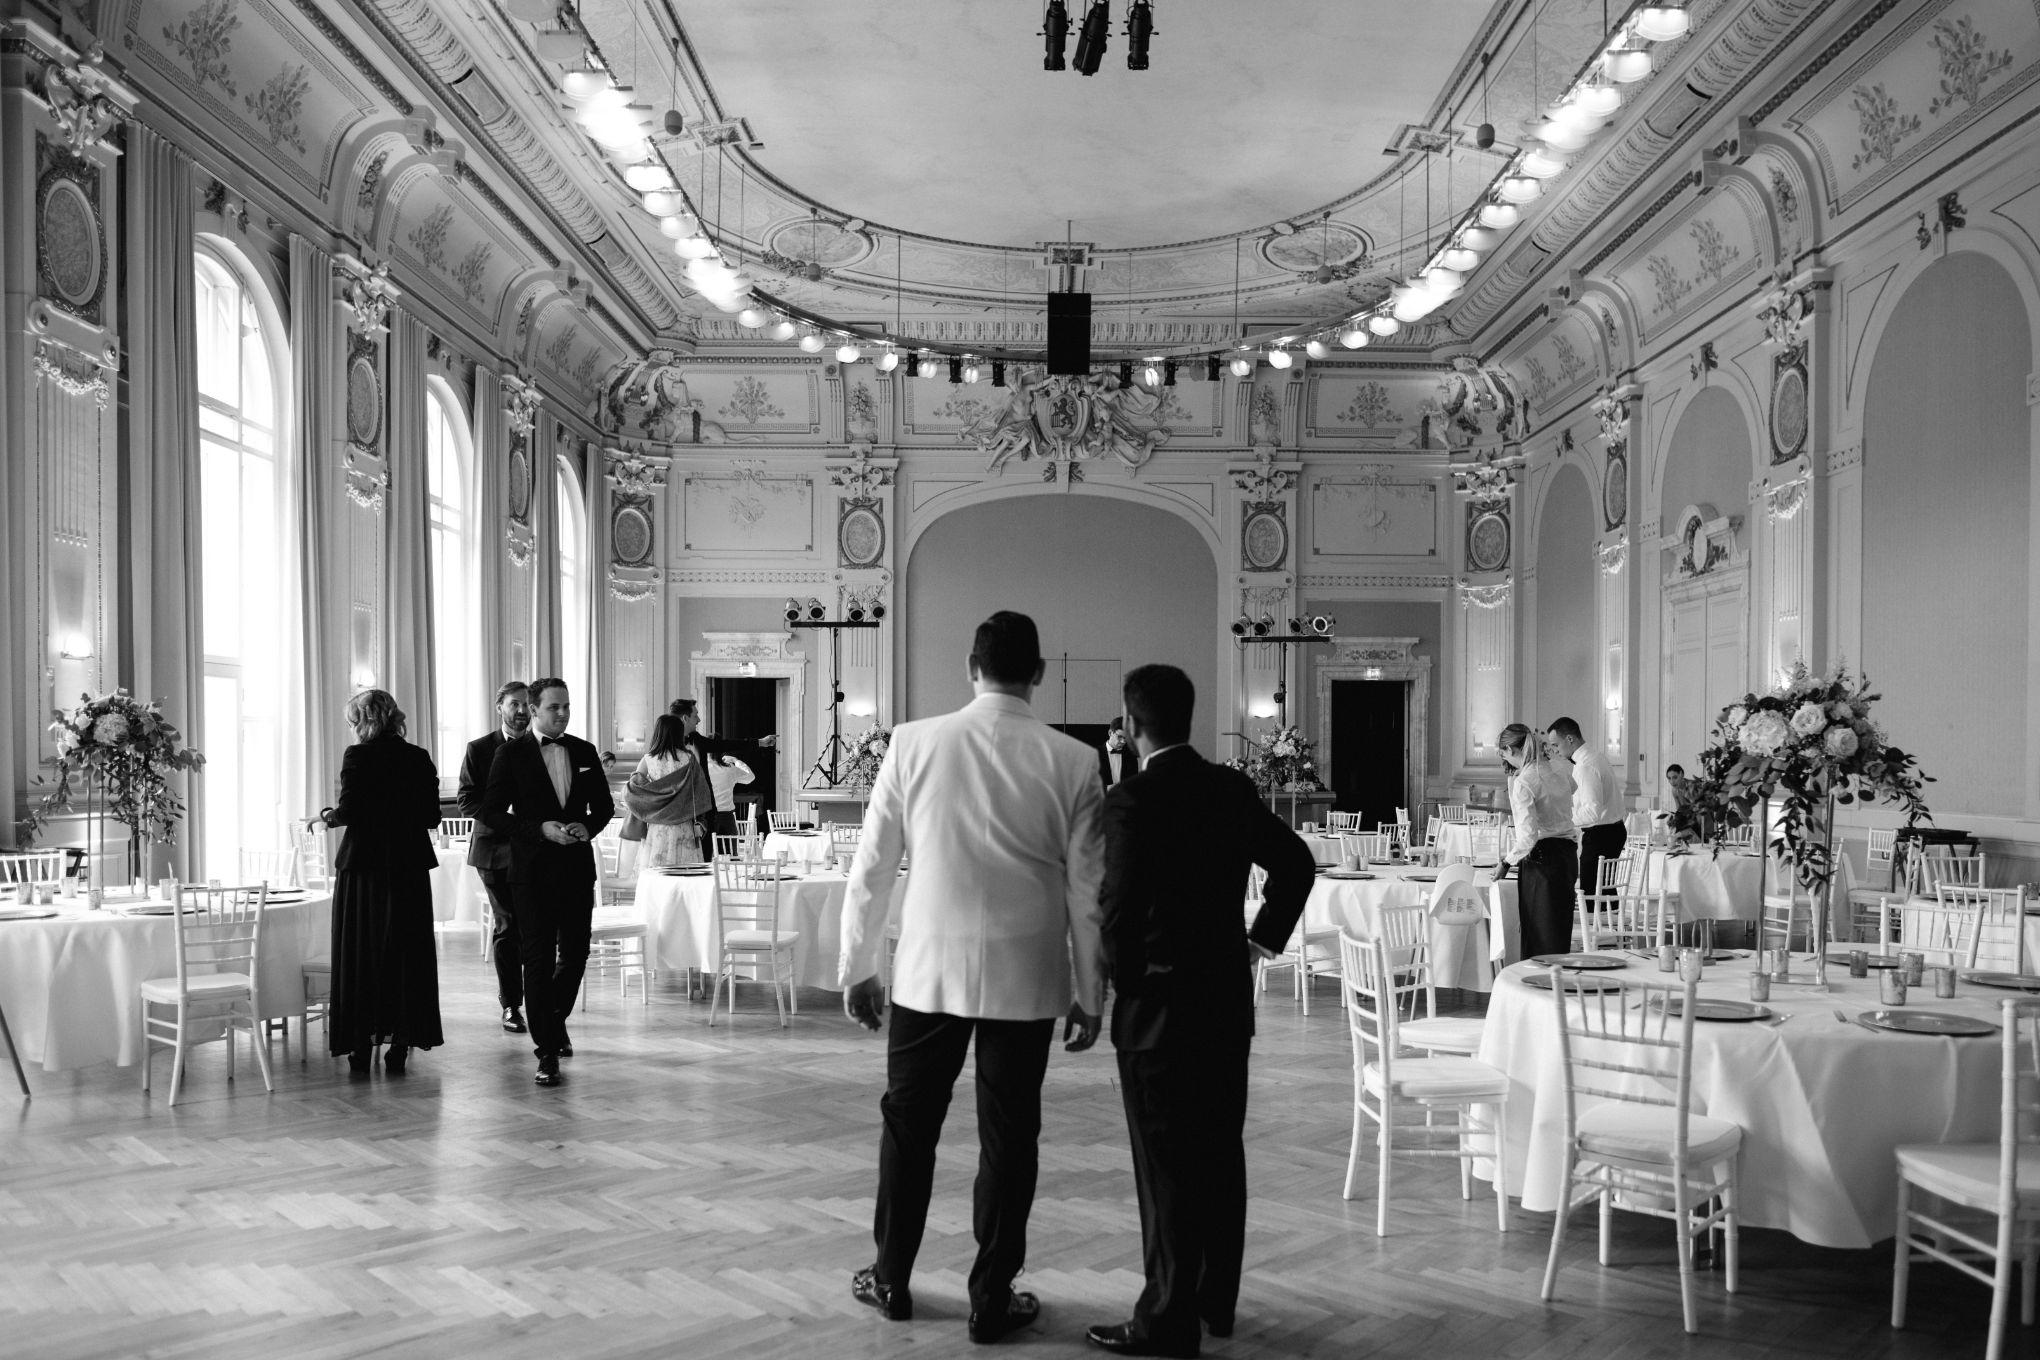 Historische-Stadthalle-Wuppertal-Hochzeit-The-Saums-KN-3-12.jpg